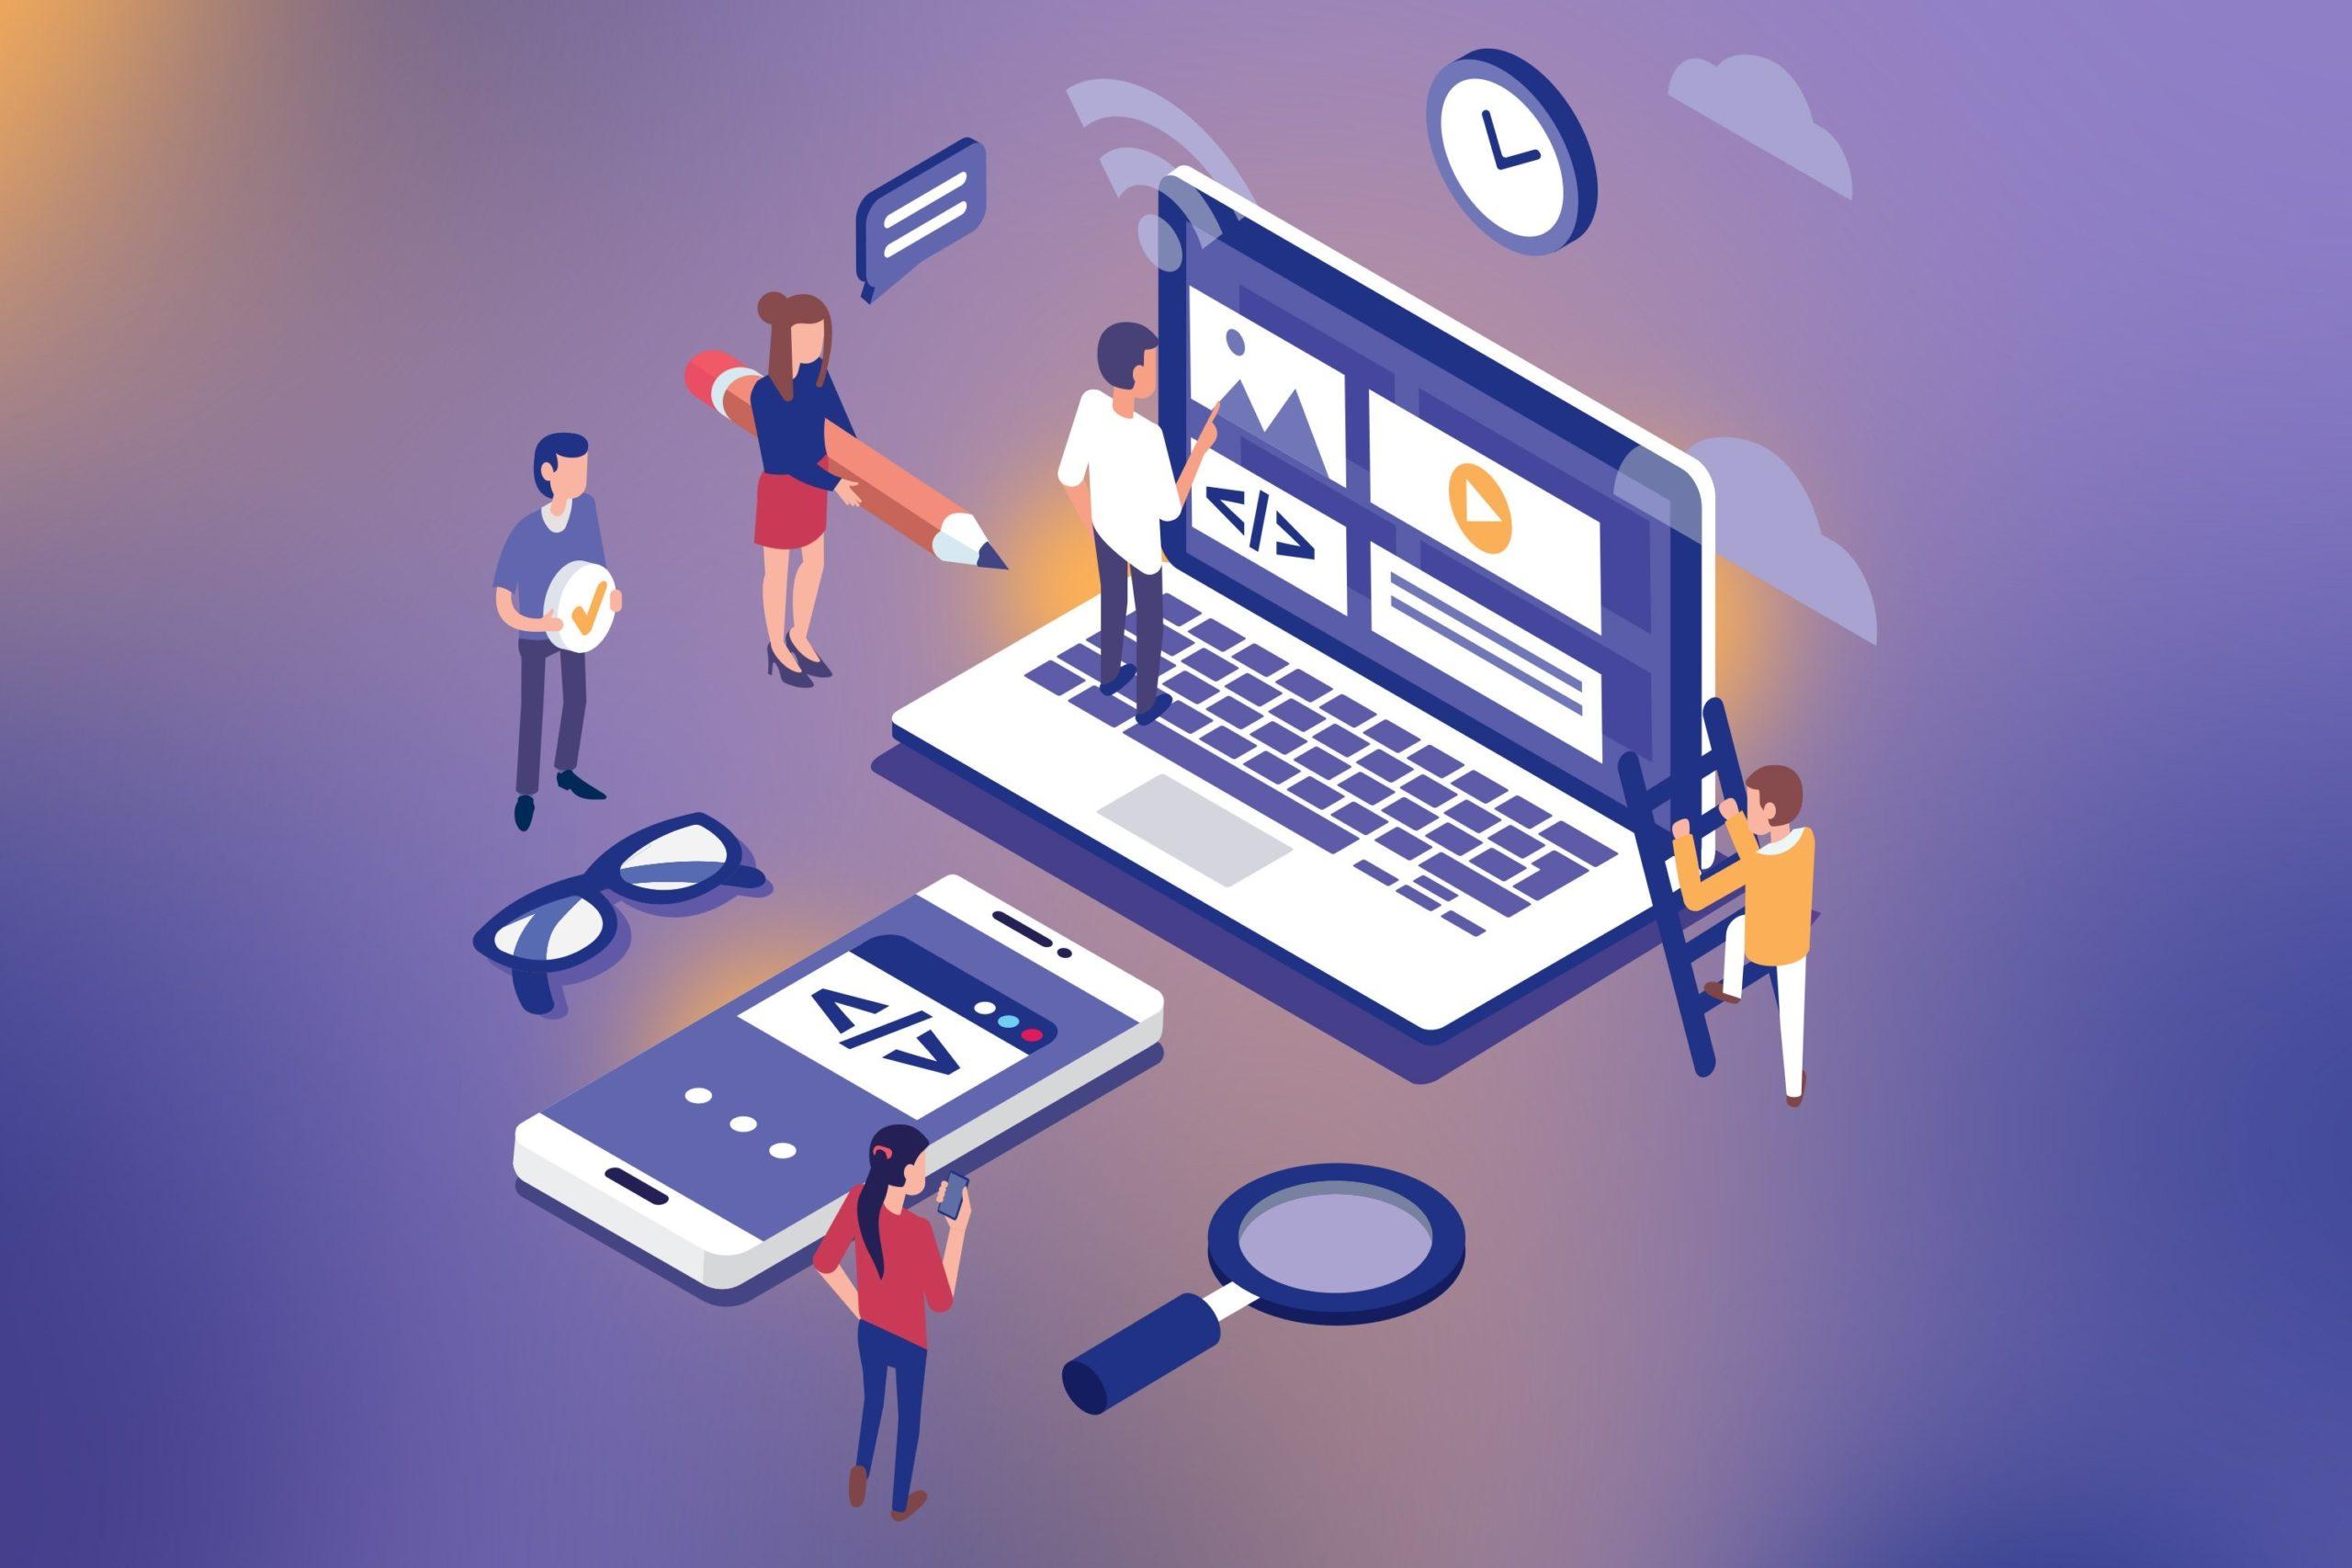 Веб-разработка — чем сегодня зарабатывает молодежь?